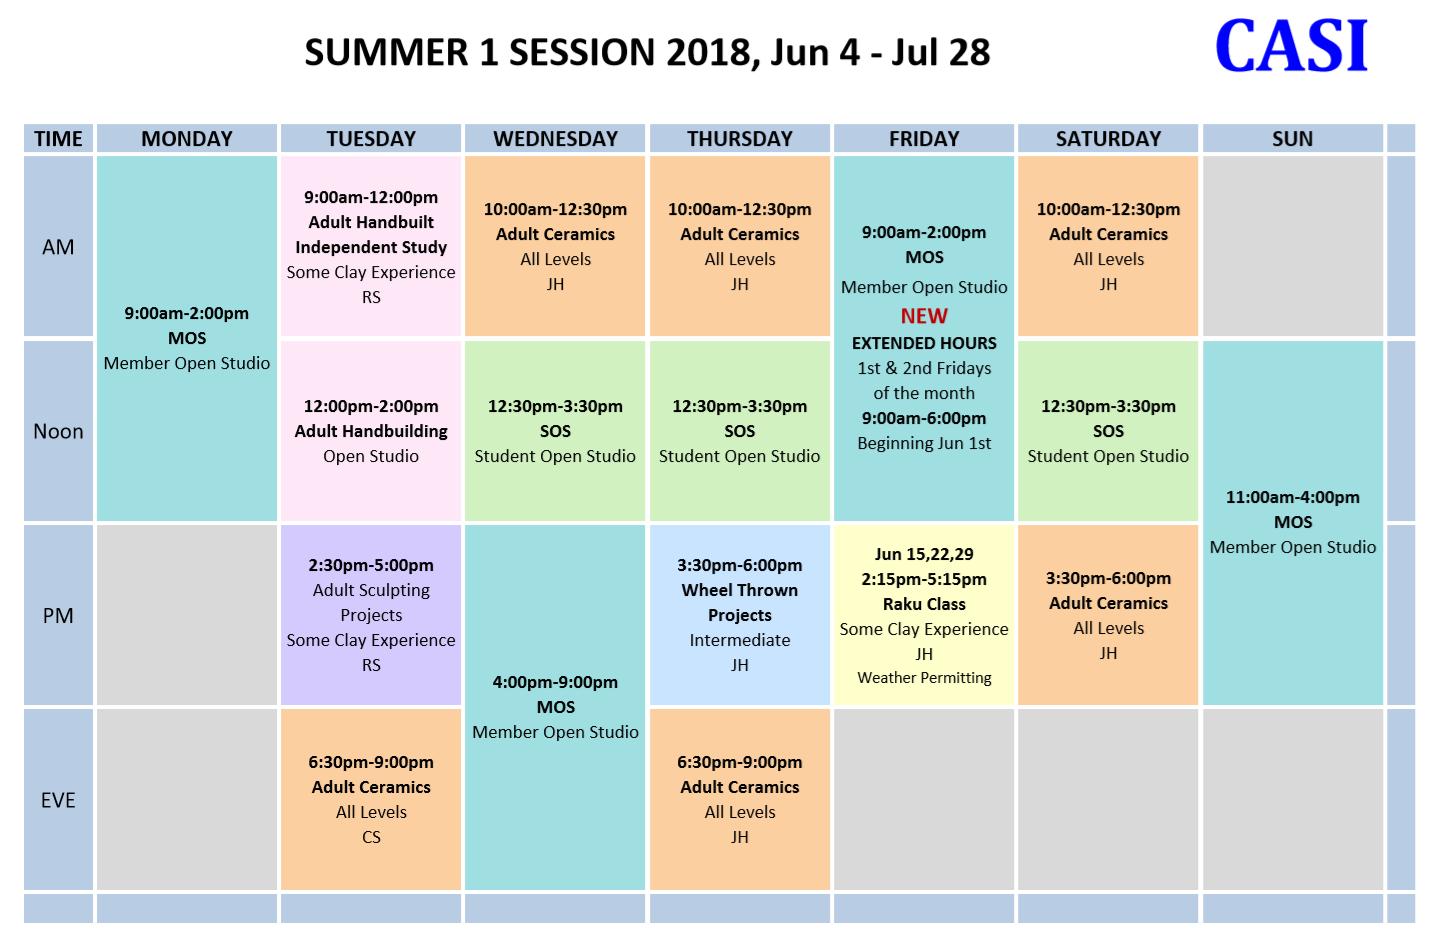 CASI 2018 Summer 1 sched